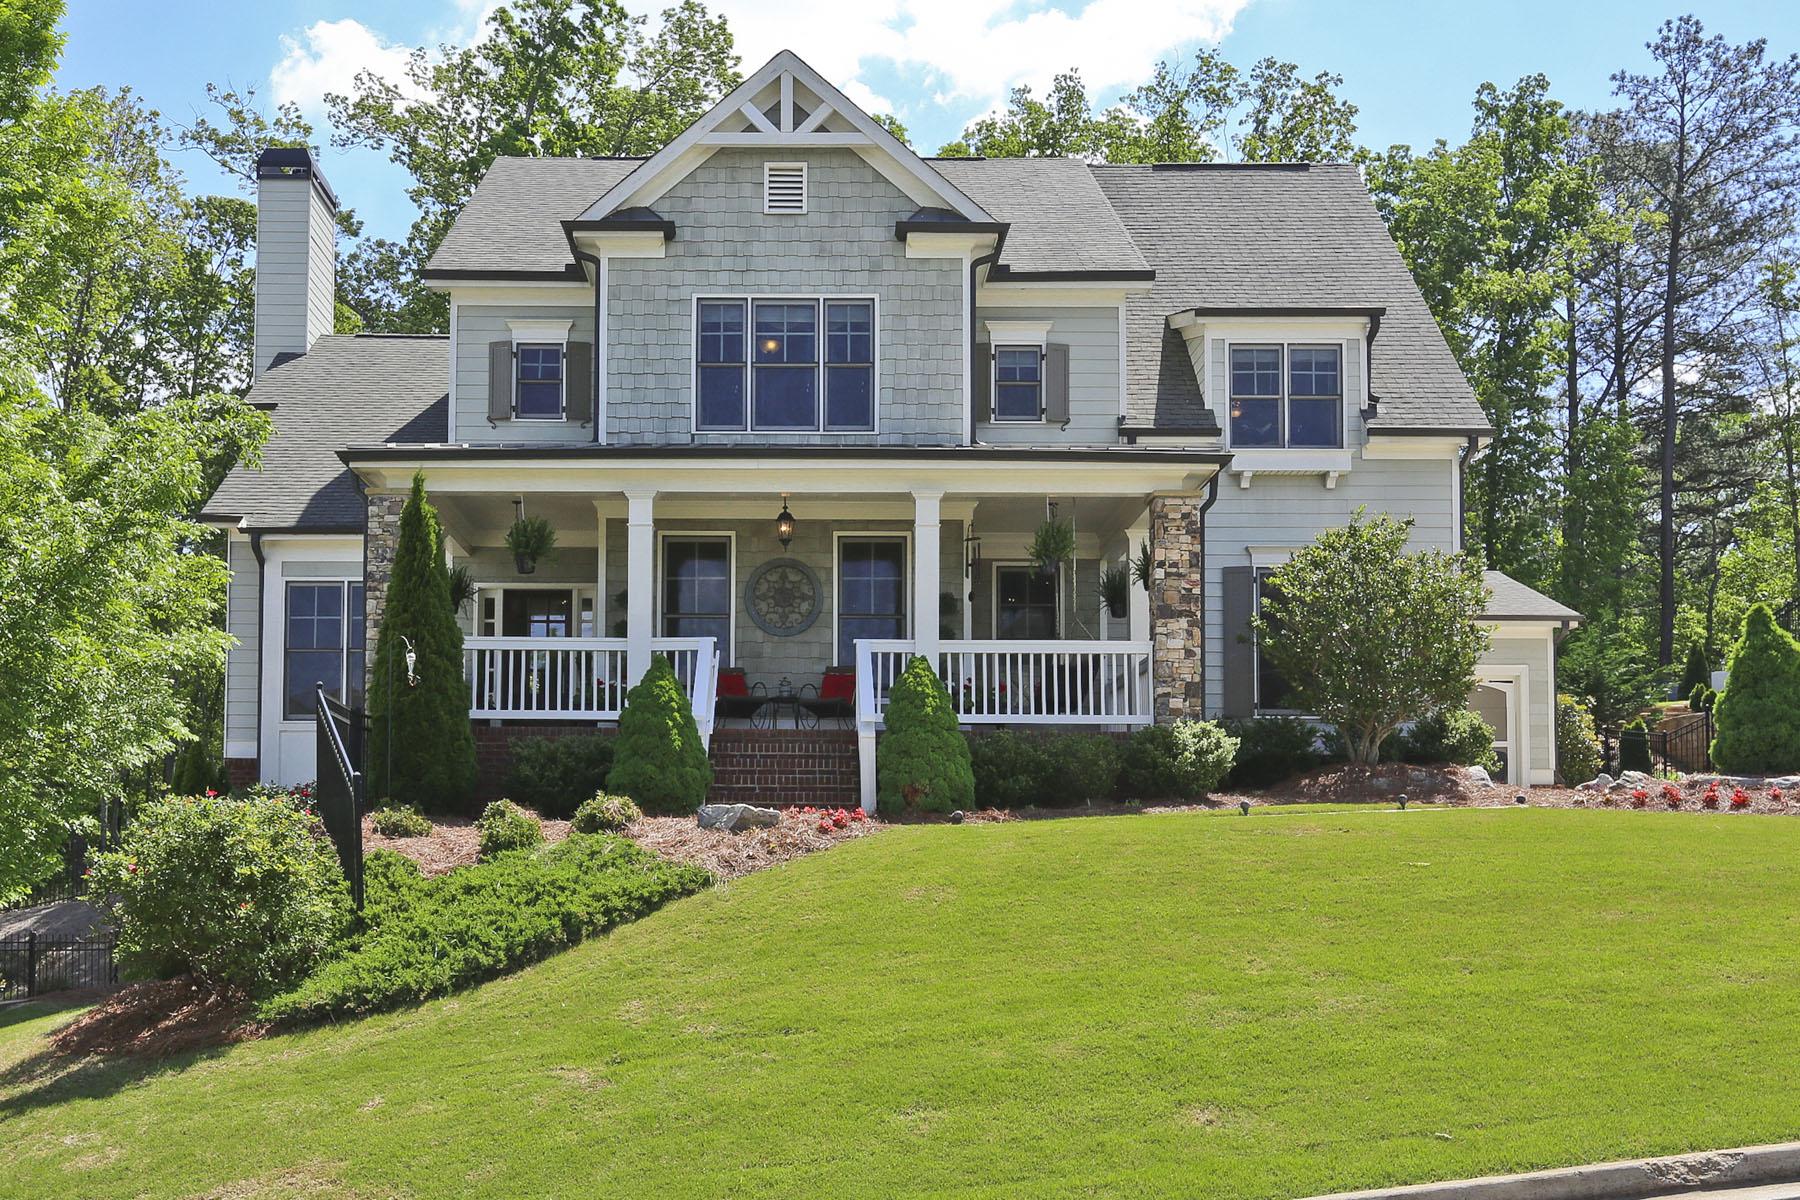 Einfamilienhaus für Verkauf beim Enjoy the breeze and a lemonade on the front porch!! 1720 Marcia Overlook Drive Cumming, Georgia 30041 Vereinigte Staaten